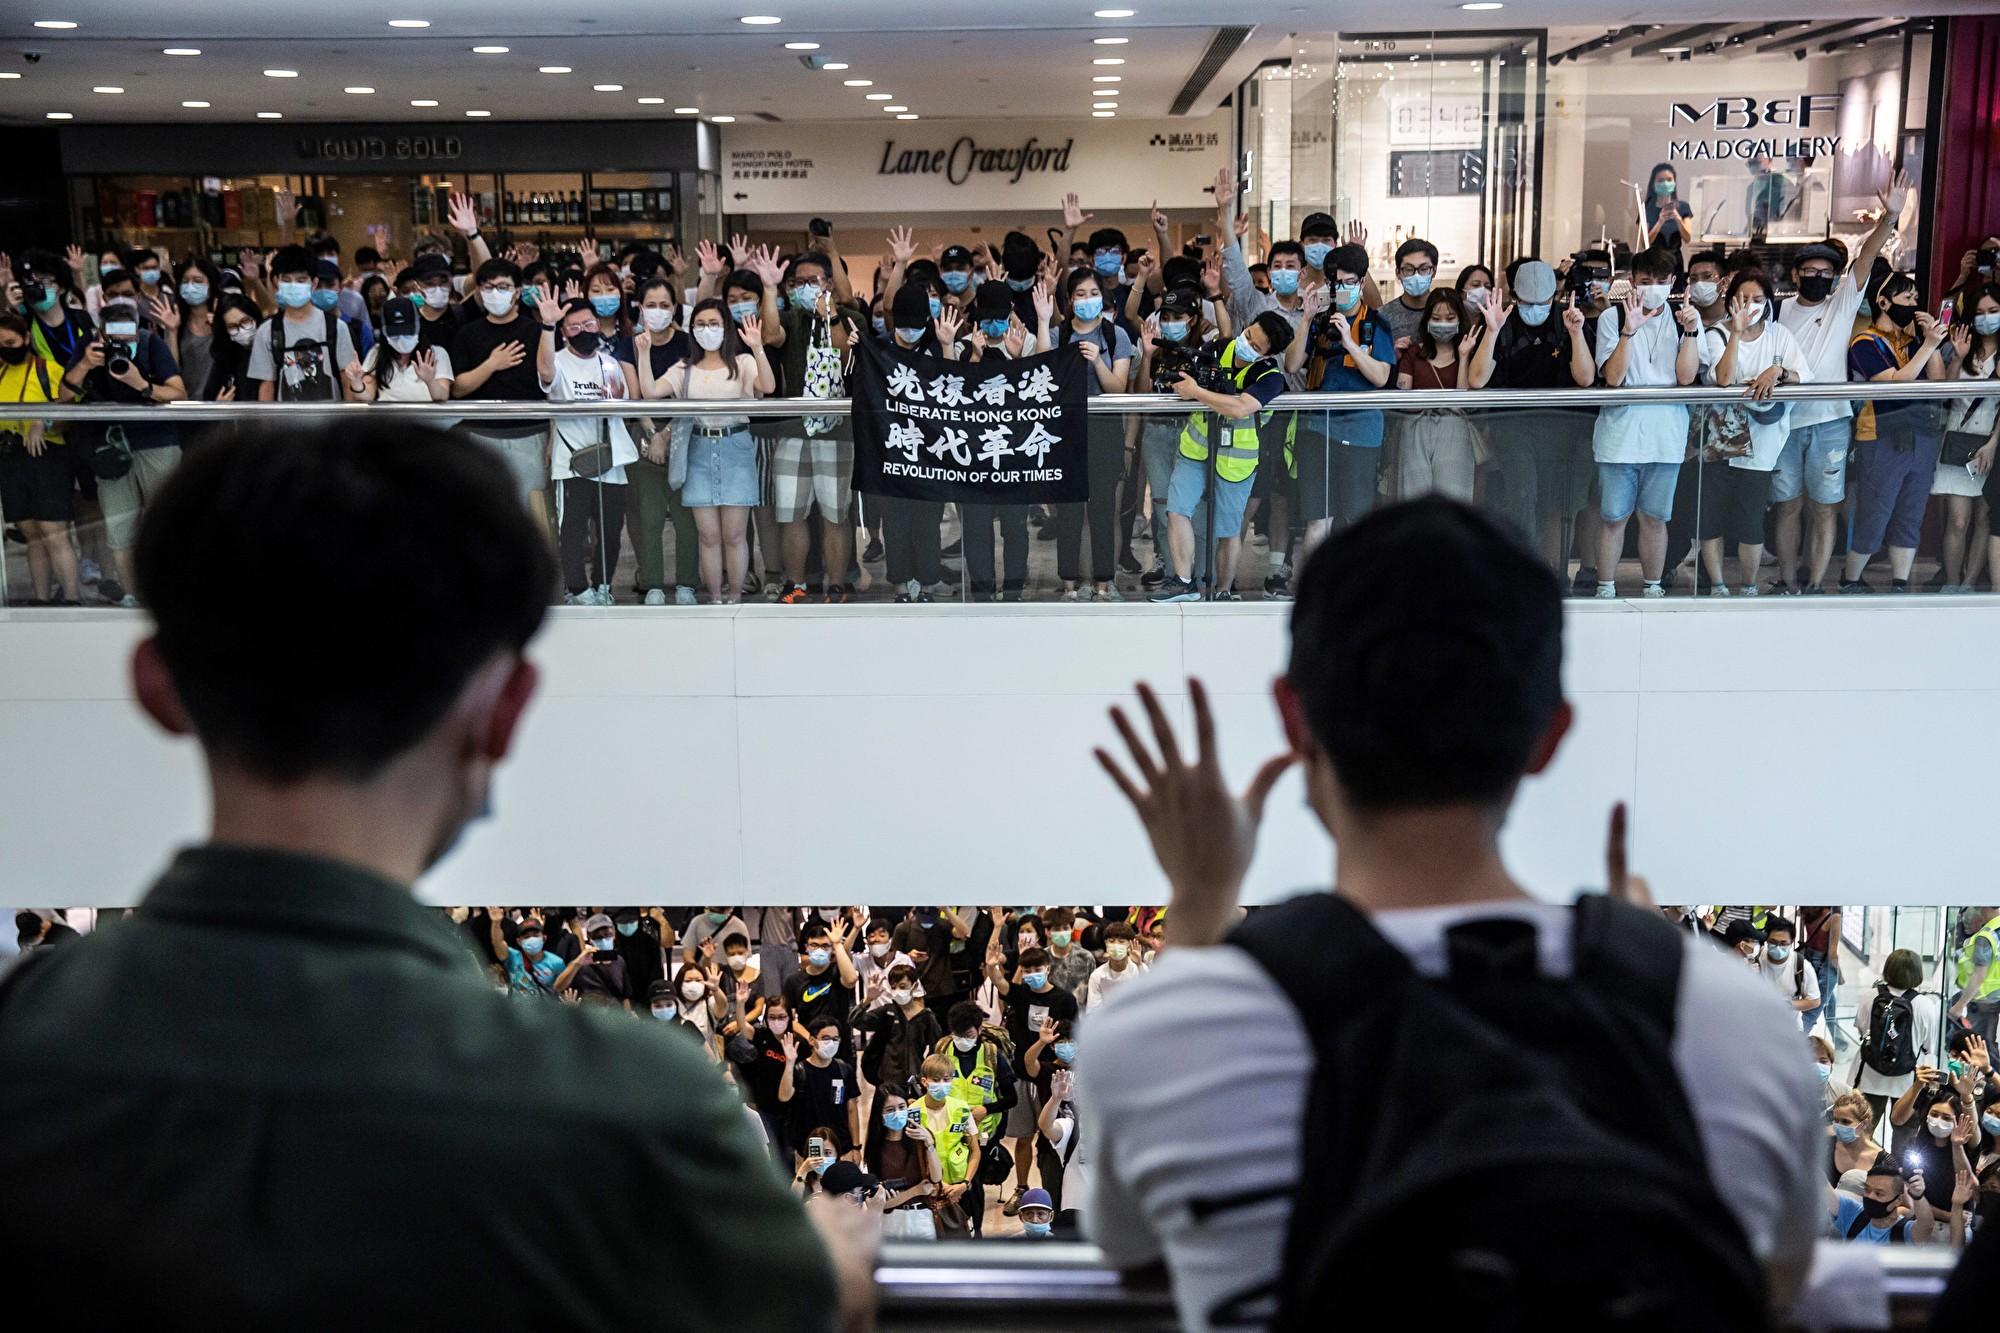 Vào ngày 10 tháng 5, công dân Hồng Kông đã biểu tình tại các trung tâm mua sắm và những nơi khác.  (ISAAC LUẬT / AFP qua Getty Images)